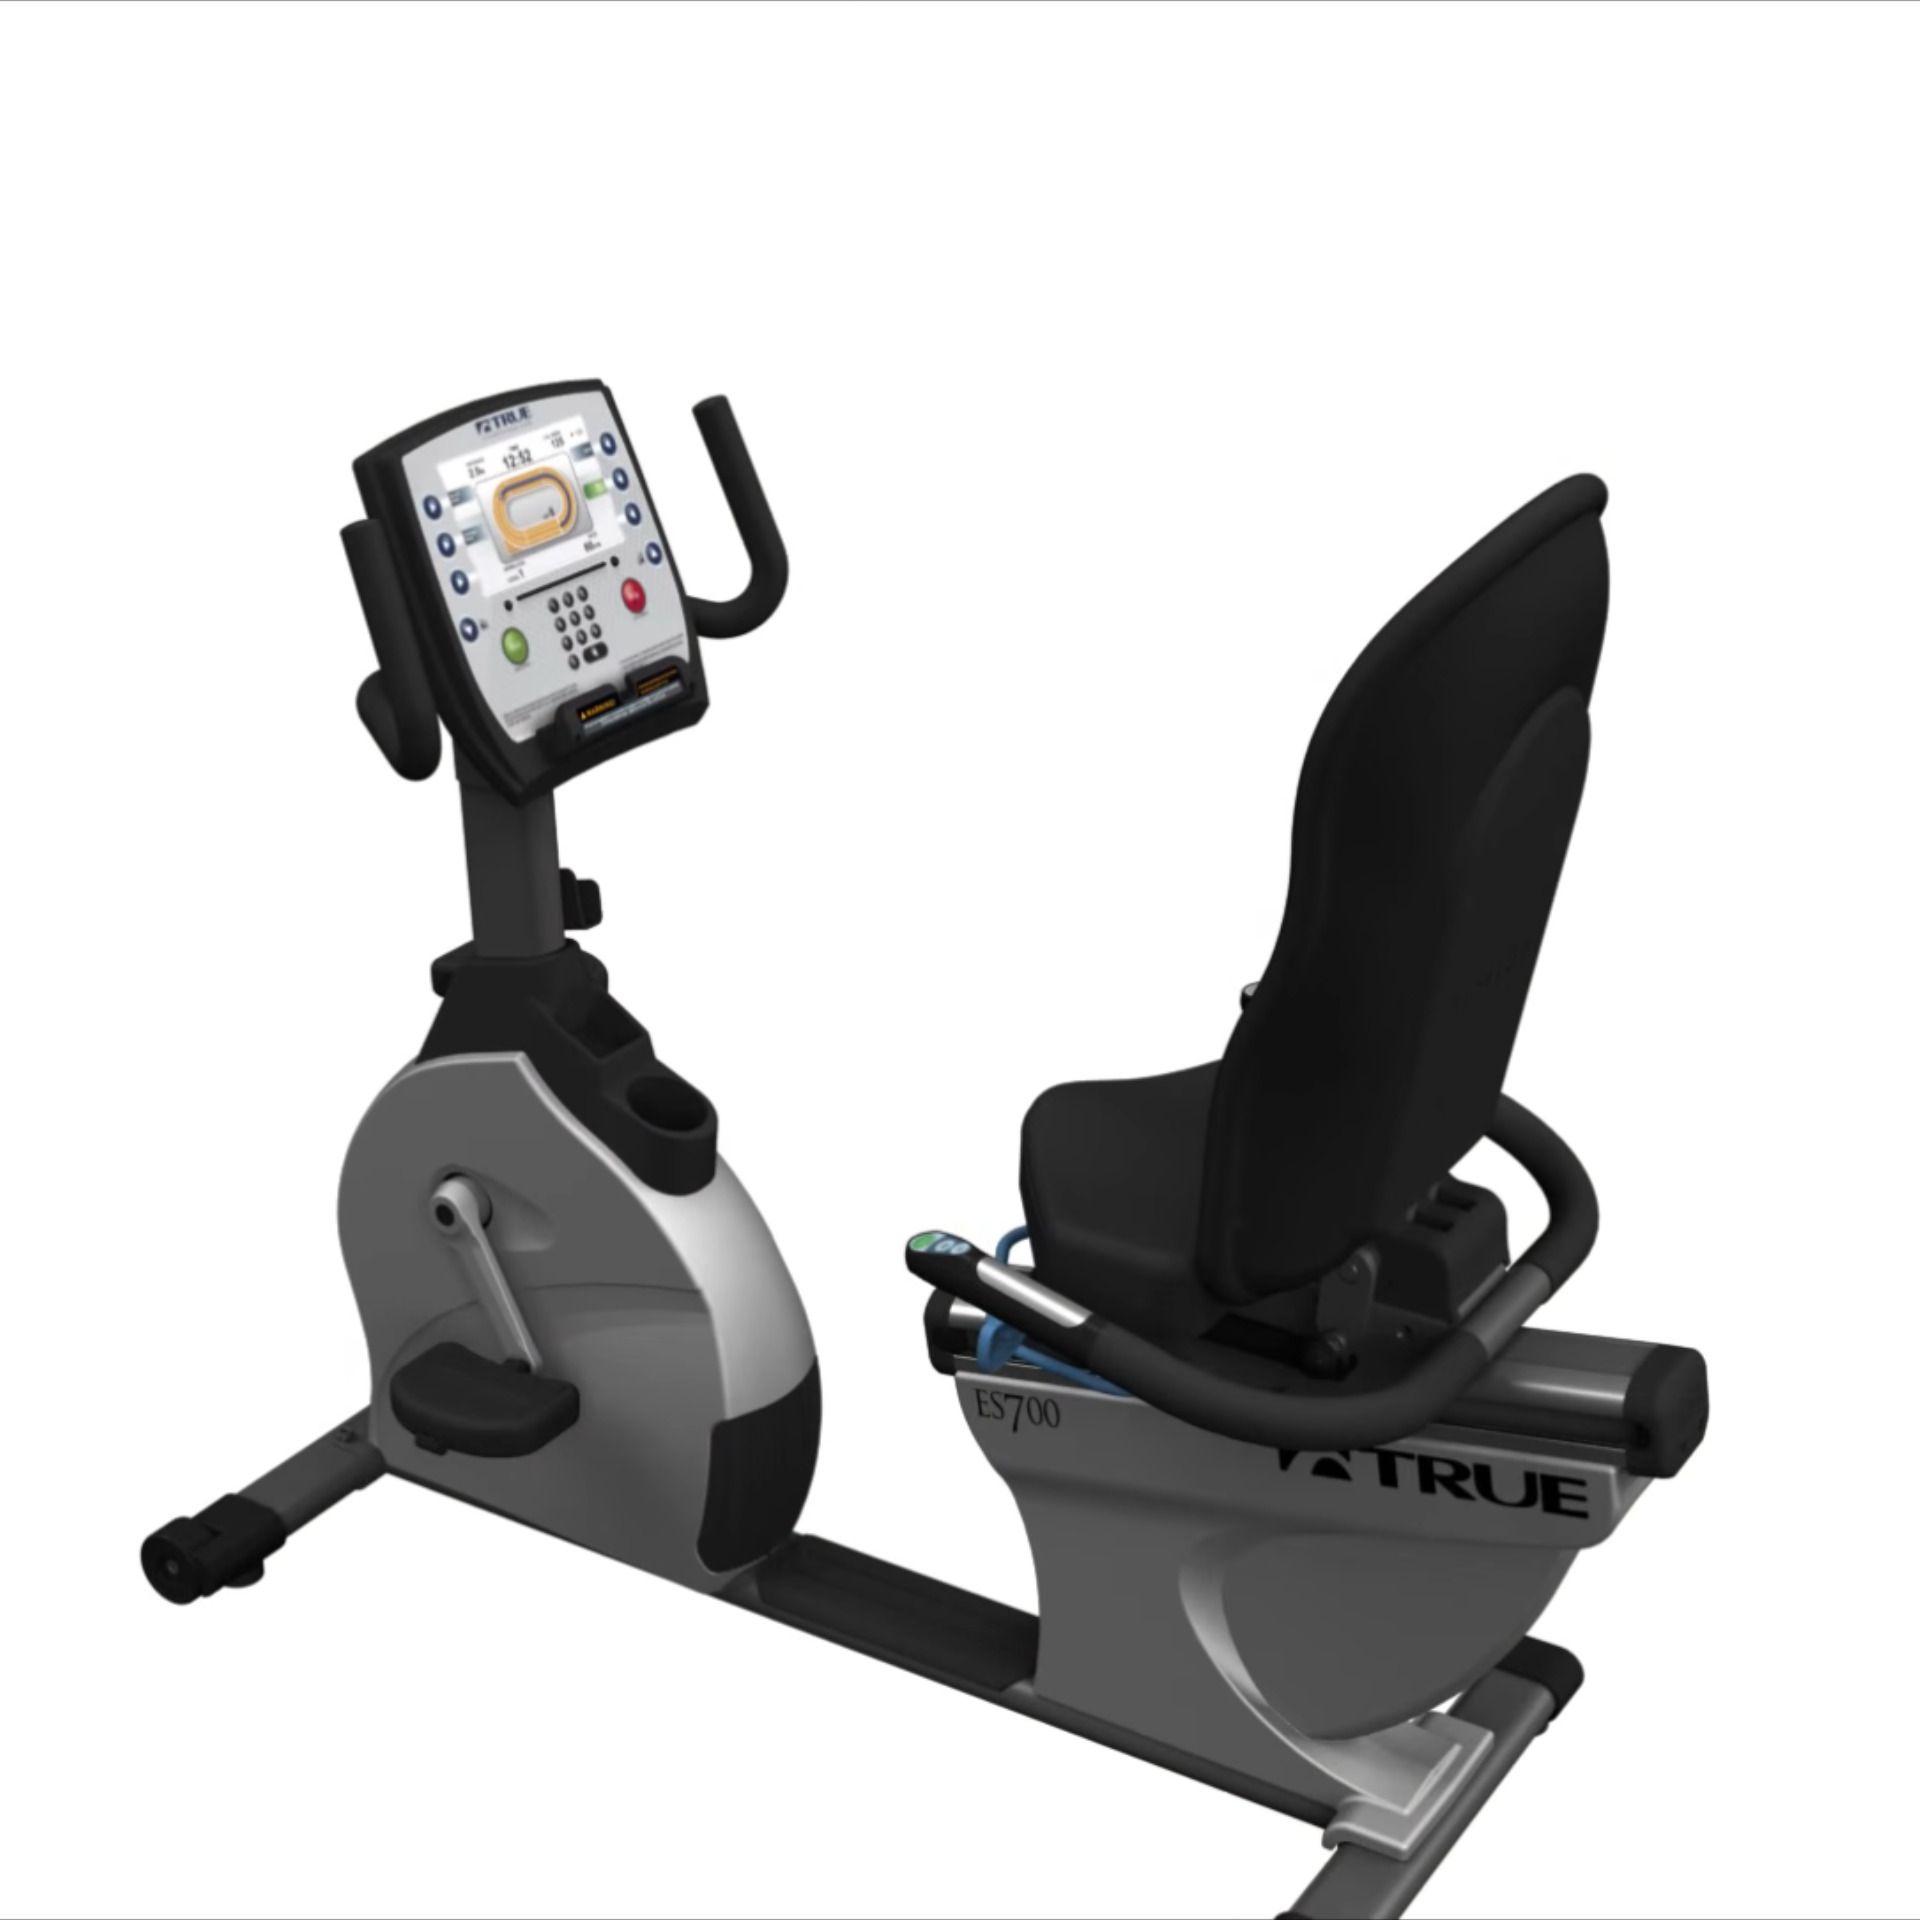 Craigslist Chicago Electronics Exercise Bikes Biking Workout Used Gym Equipment